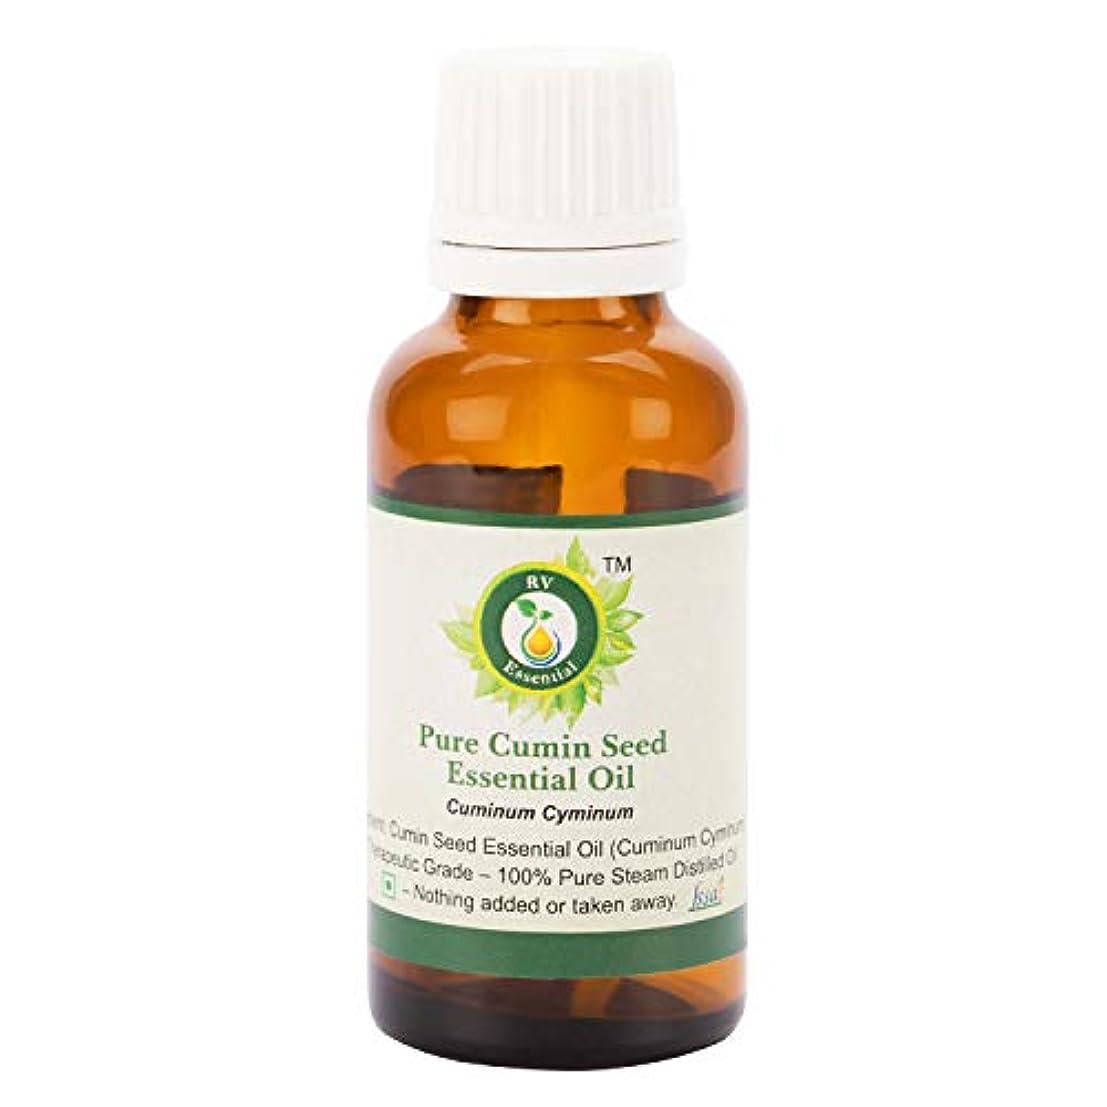 明らかに正統派キャリアピュアクミンシードエッセンシャルオイル5ml (0.169oz)- Cuminum Cyminum (100%純粋&天然スチームDistilled) Pure Cumin Seed Essential Oil